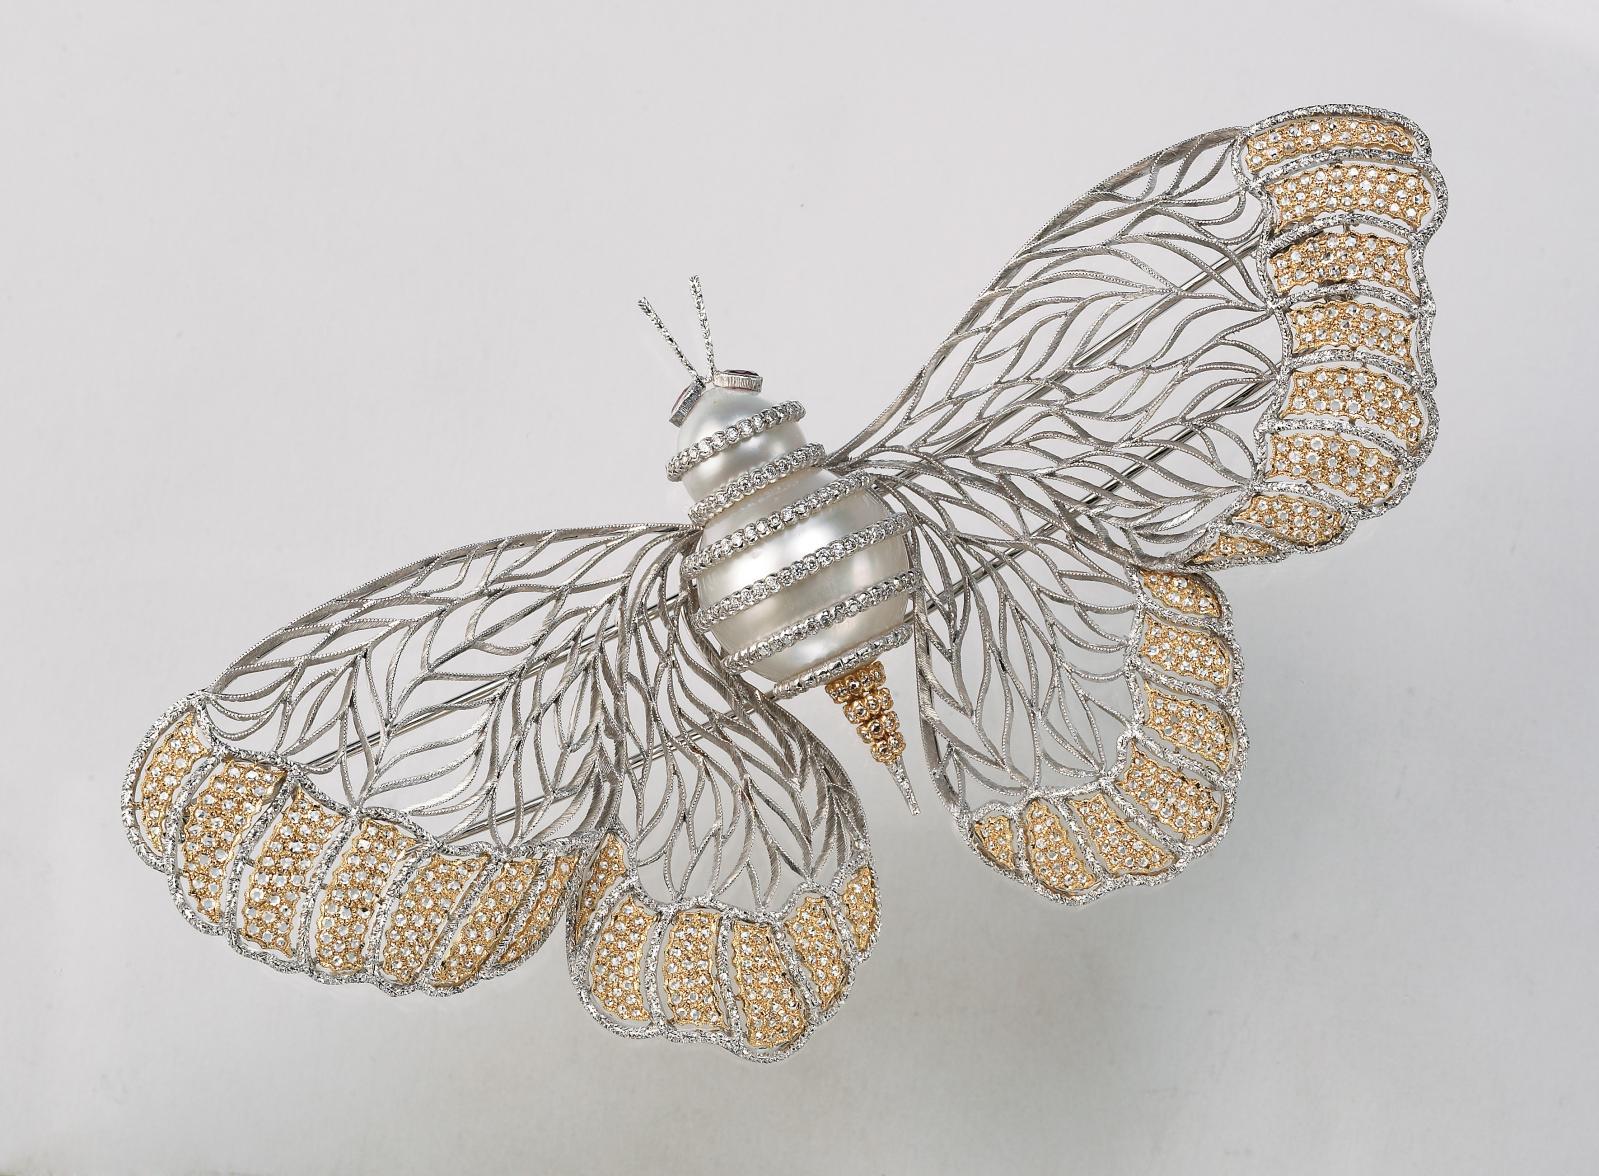 Broche papillon avec ailes en tulle, or jaune, or blanc, perles et diamants, accompagnée de son dessin.